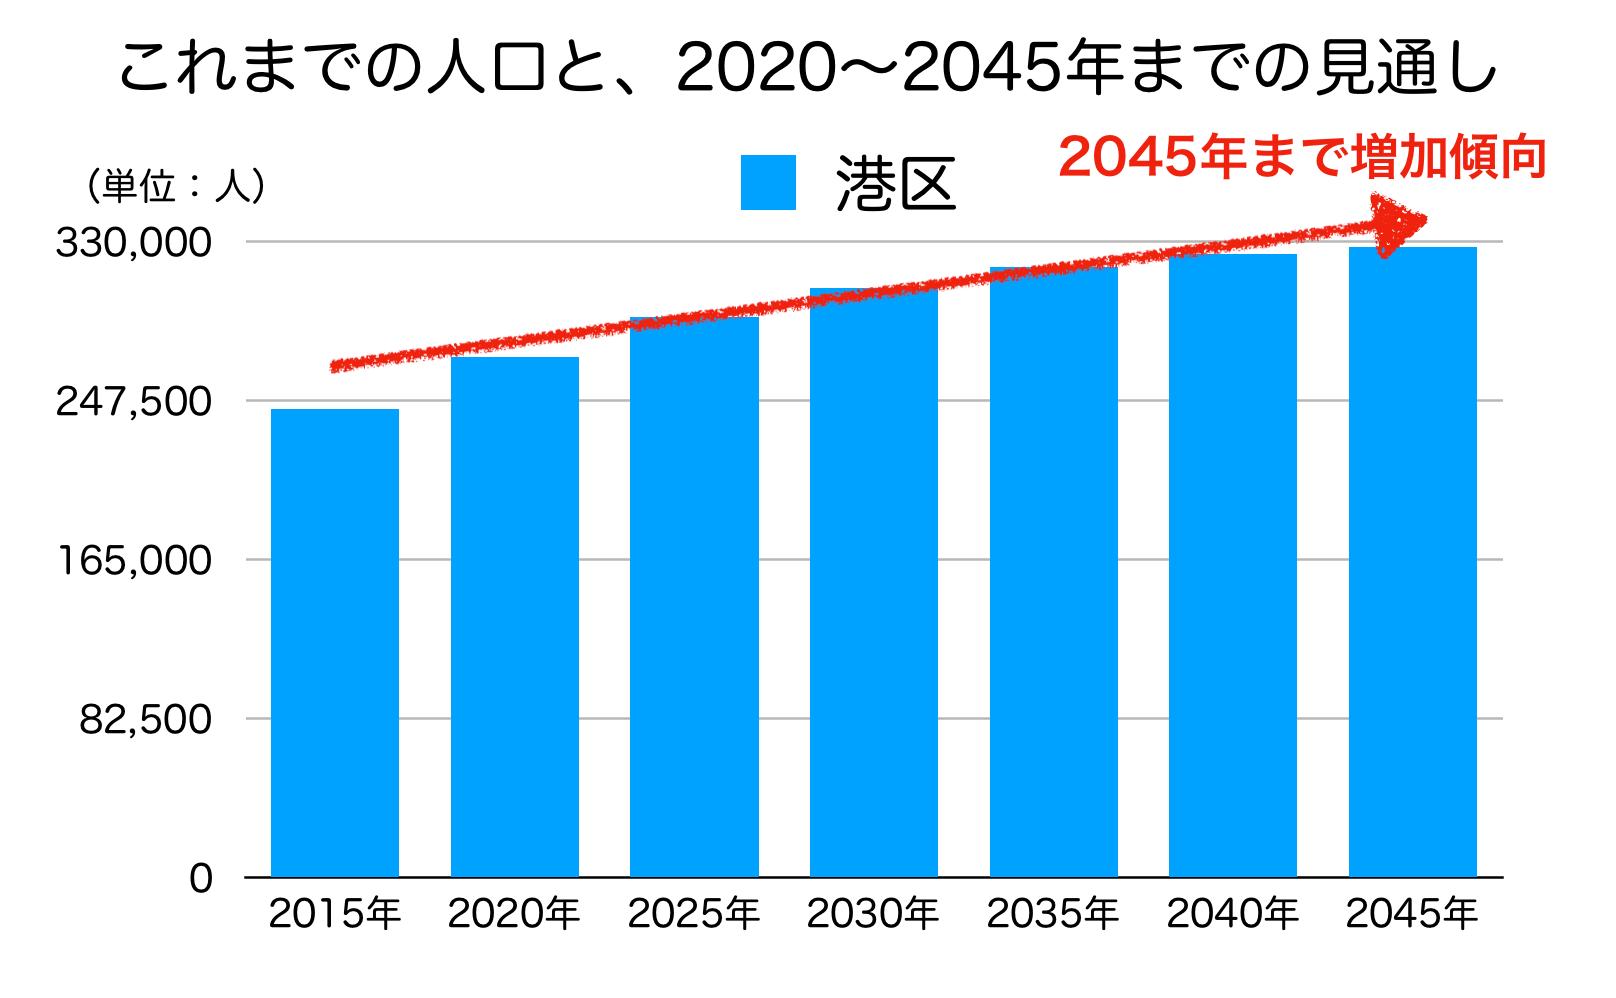 港区の人口予測